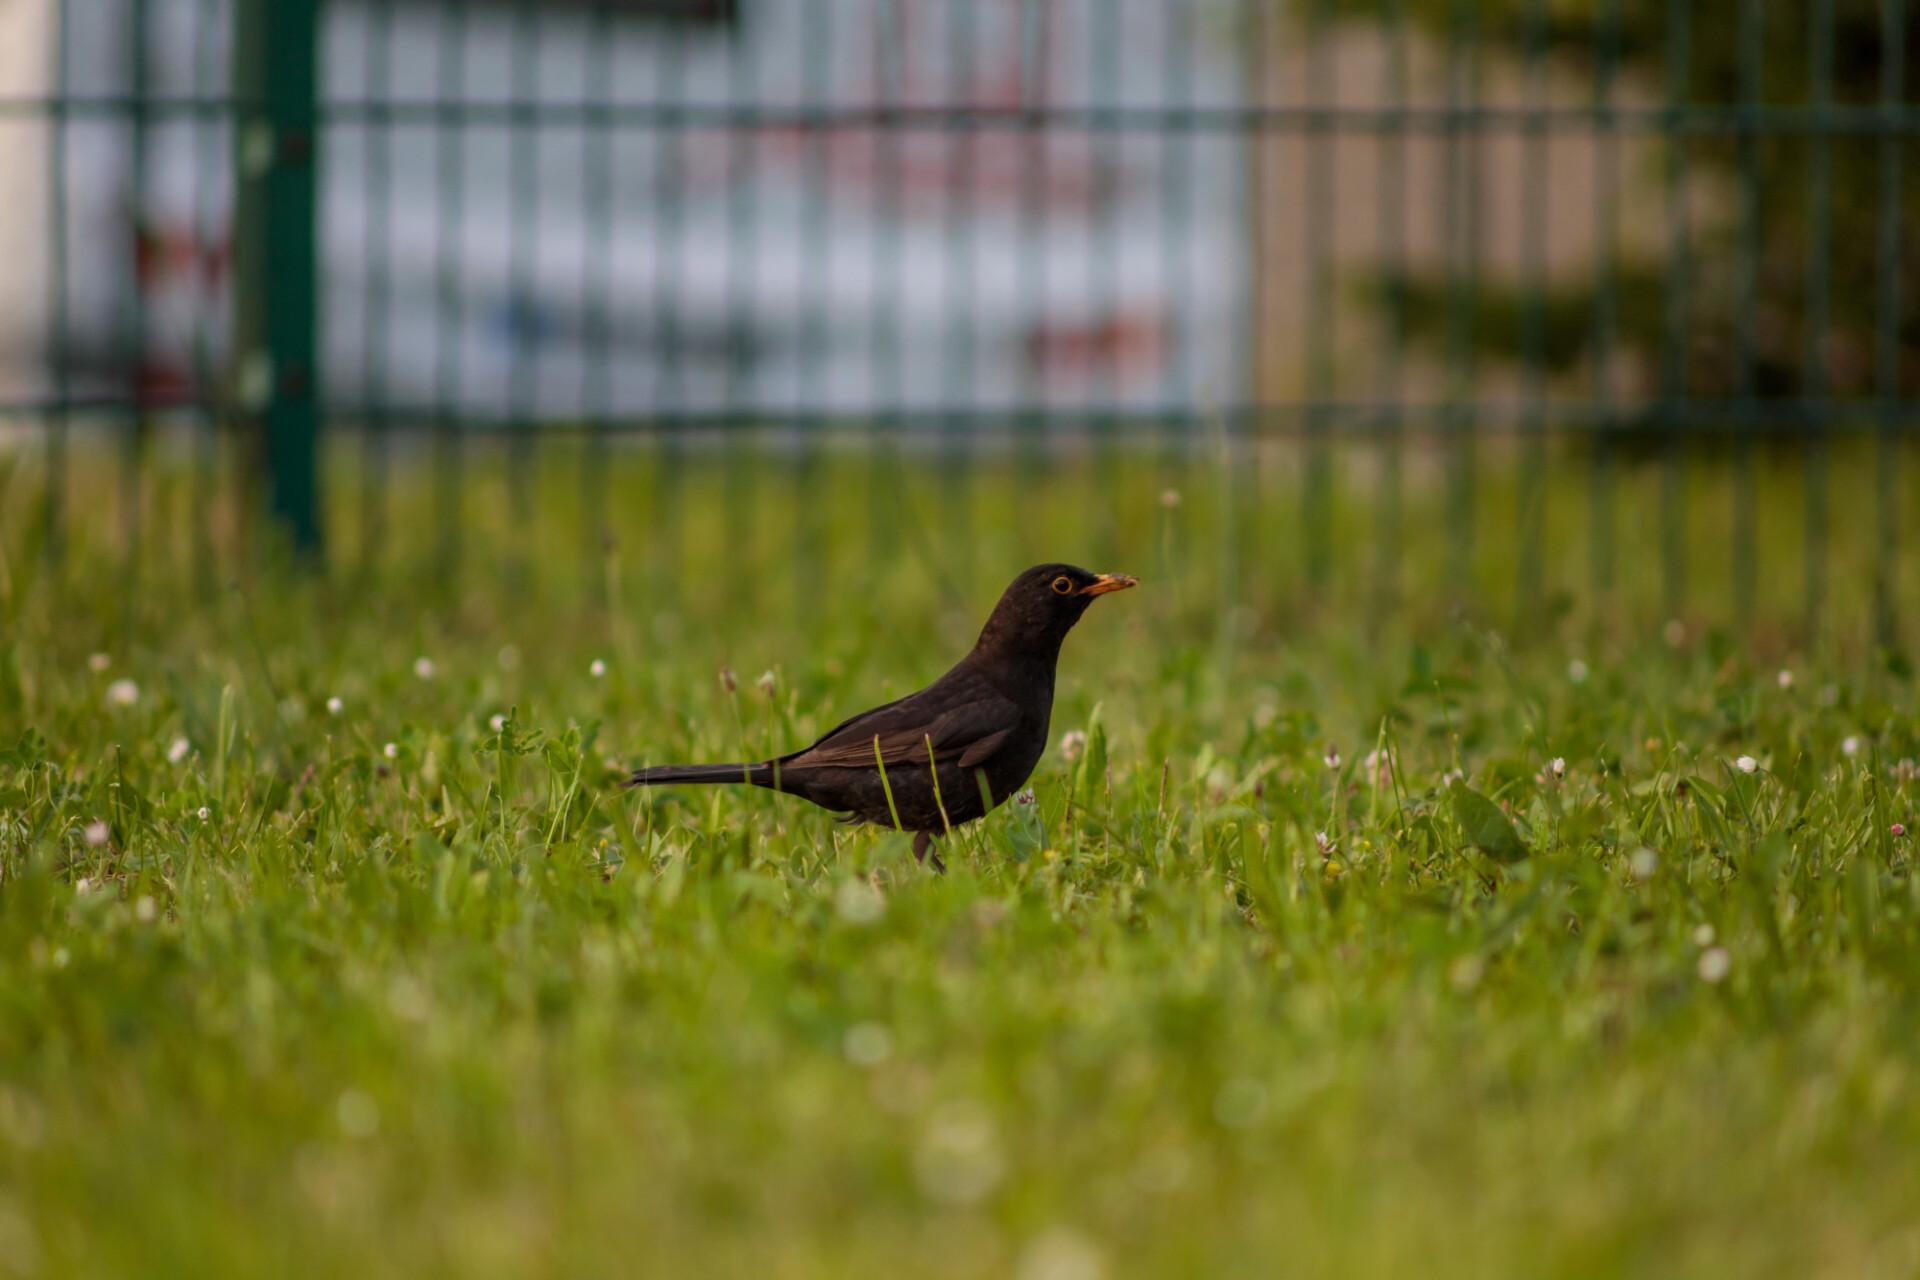 Blackbird in a meadow